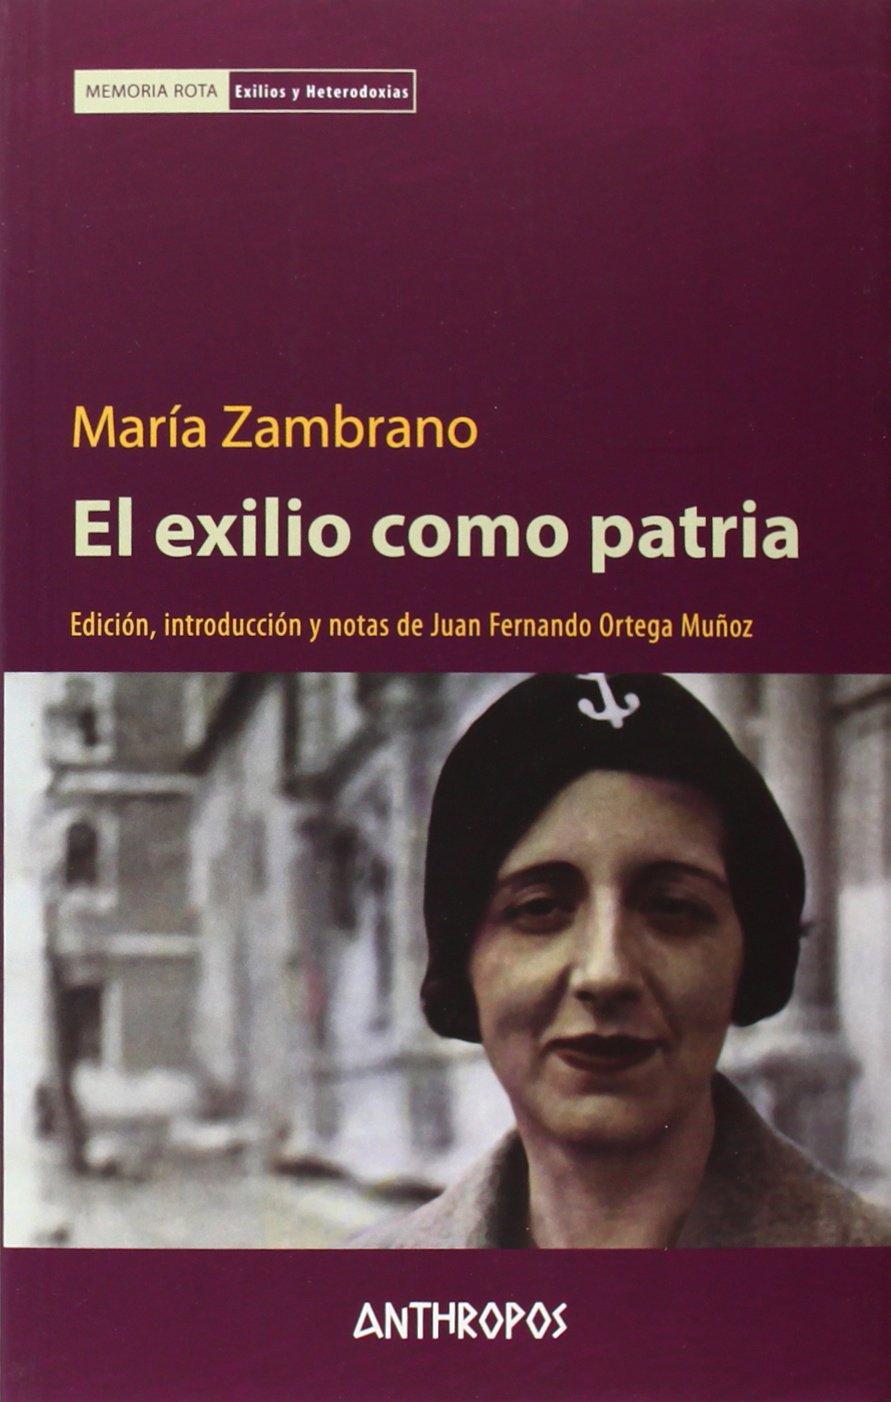 Exilios y Heterodoxias: Amazon.es: María Zambrano, Juan Fernando Ortega Muñoz, Eduardo González Di Pierro: Libros